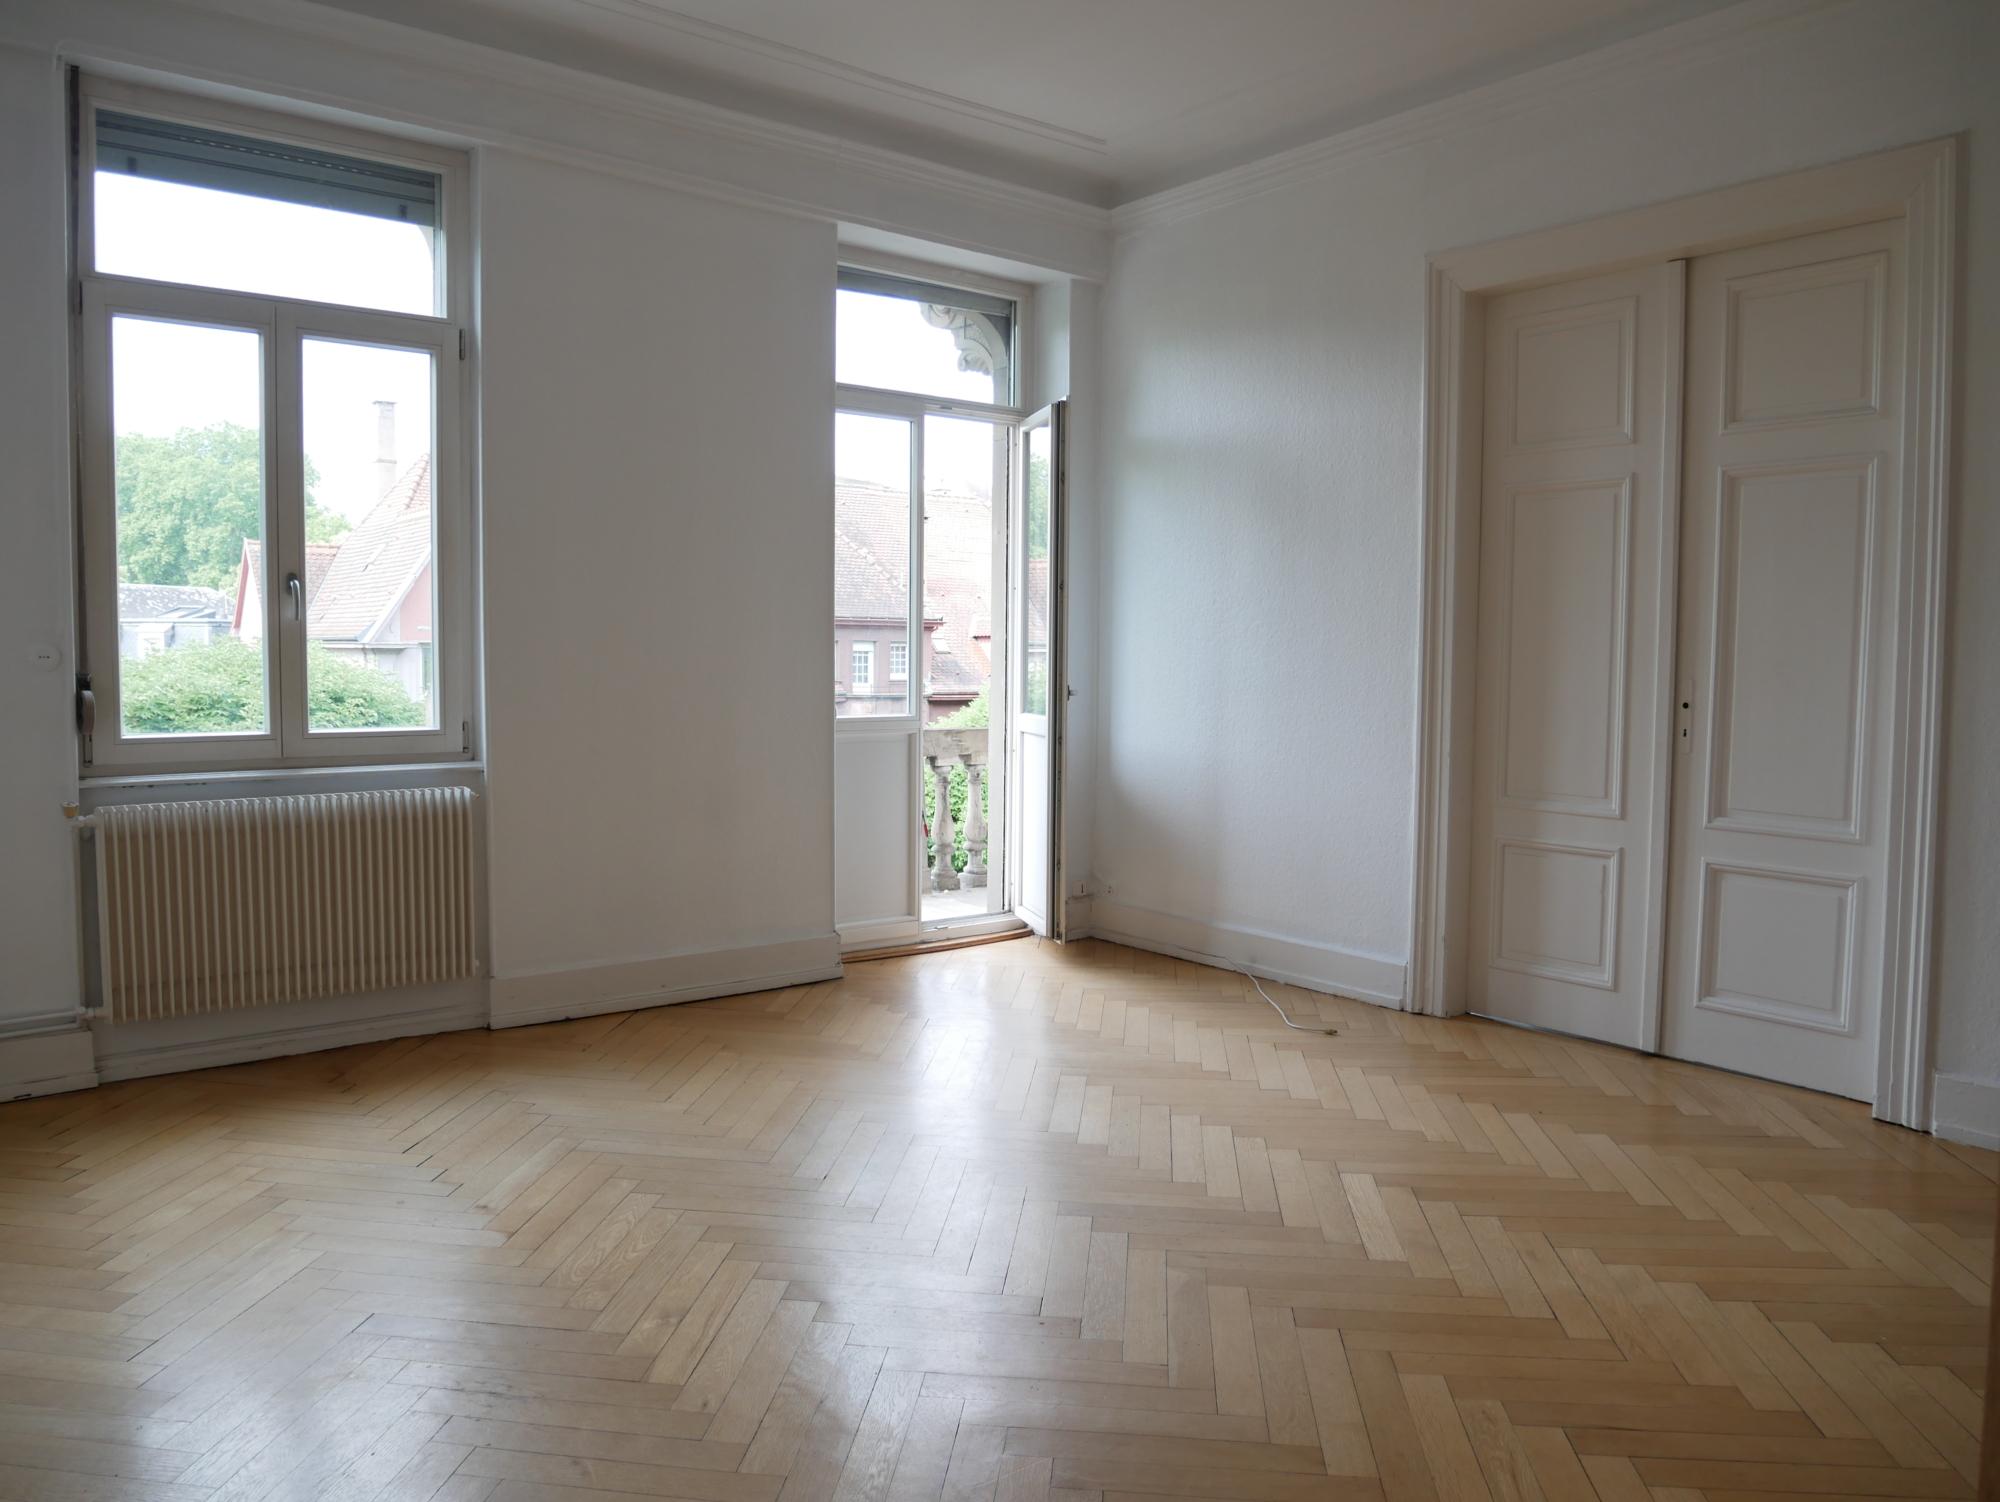 [Duchesse] Lumineux 4 pièces – Place de Bordeaux / Bvd. Ohmacht - nos locations - Beausite Immobilier 1